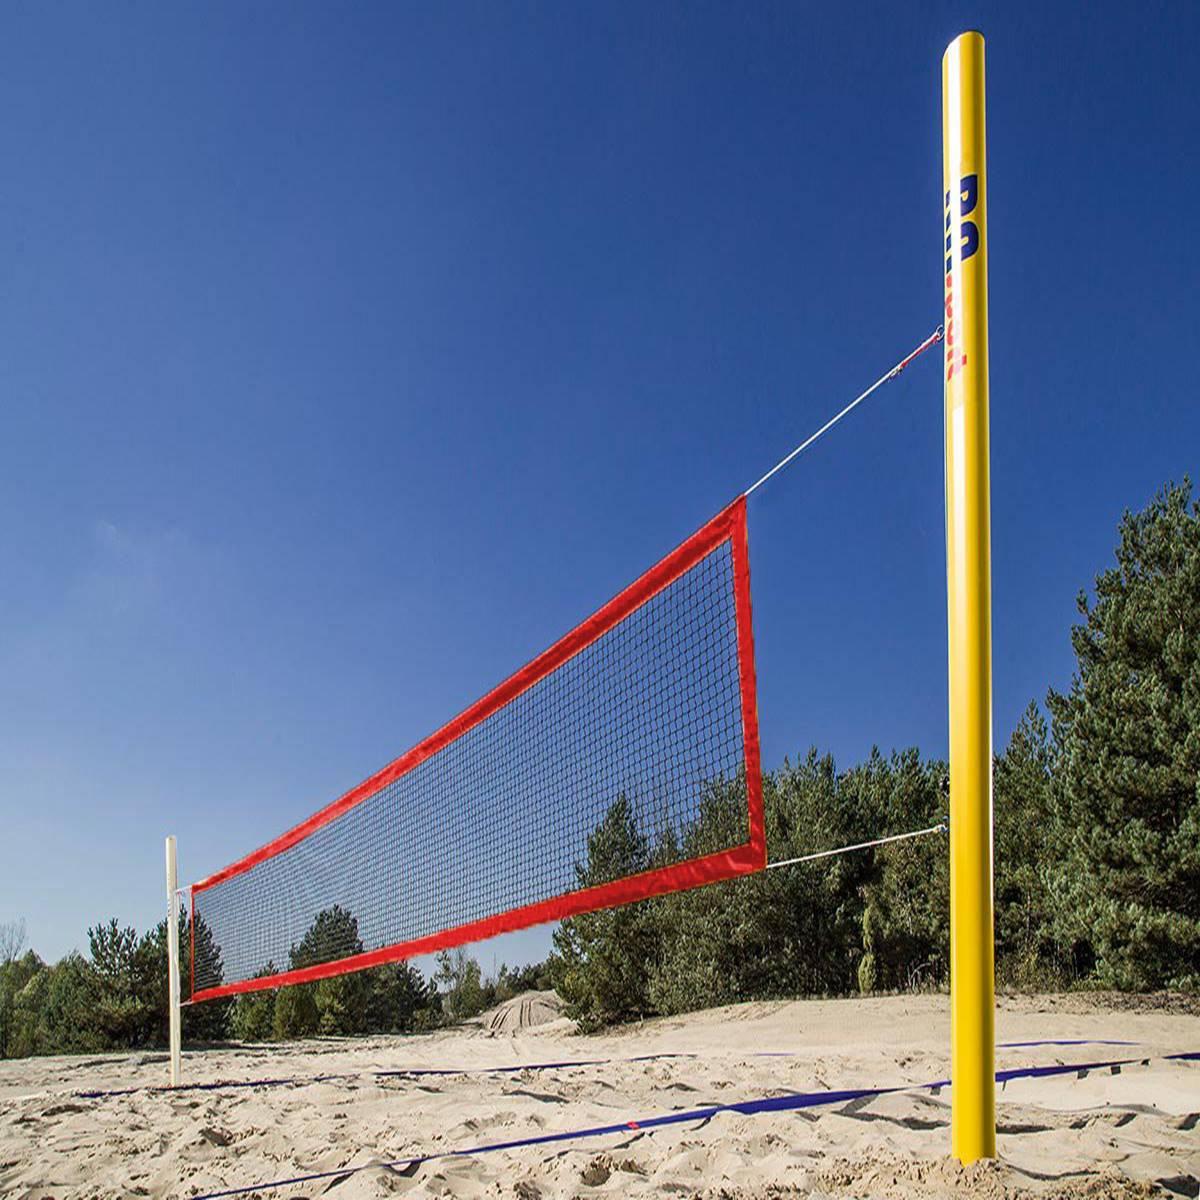 Rede De Beach Tennis Profissional Redesport 4 Faixas